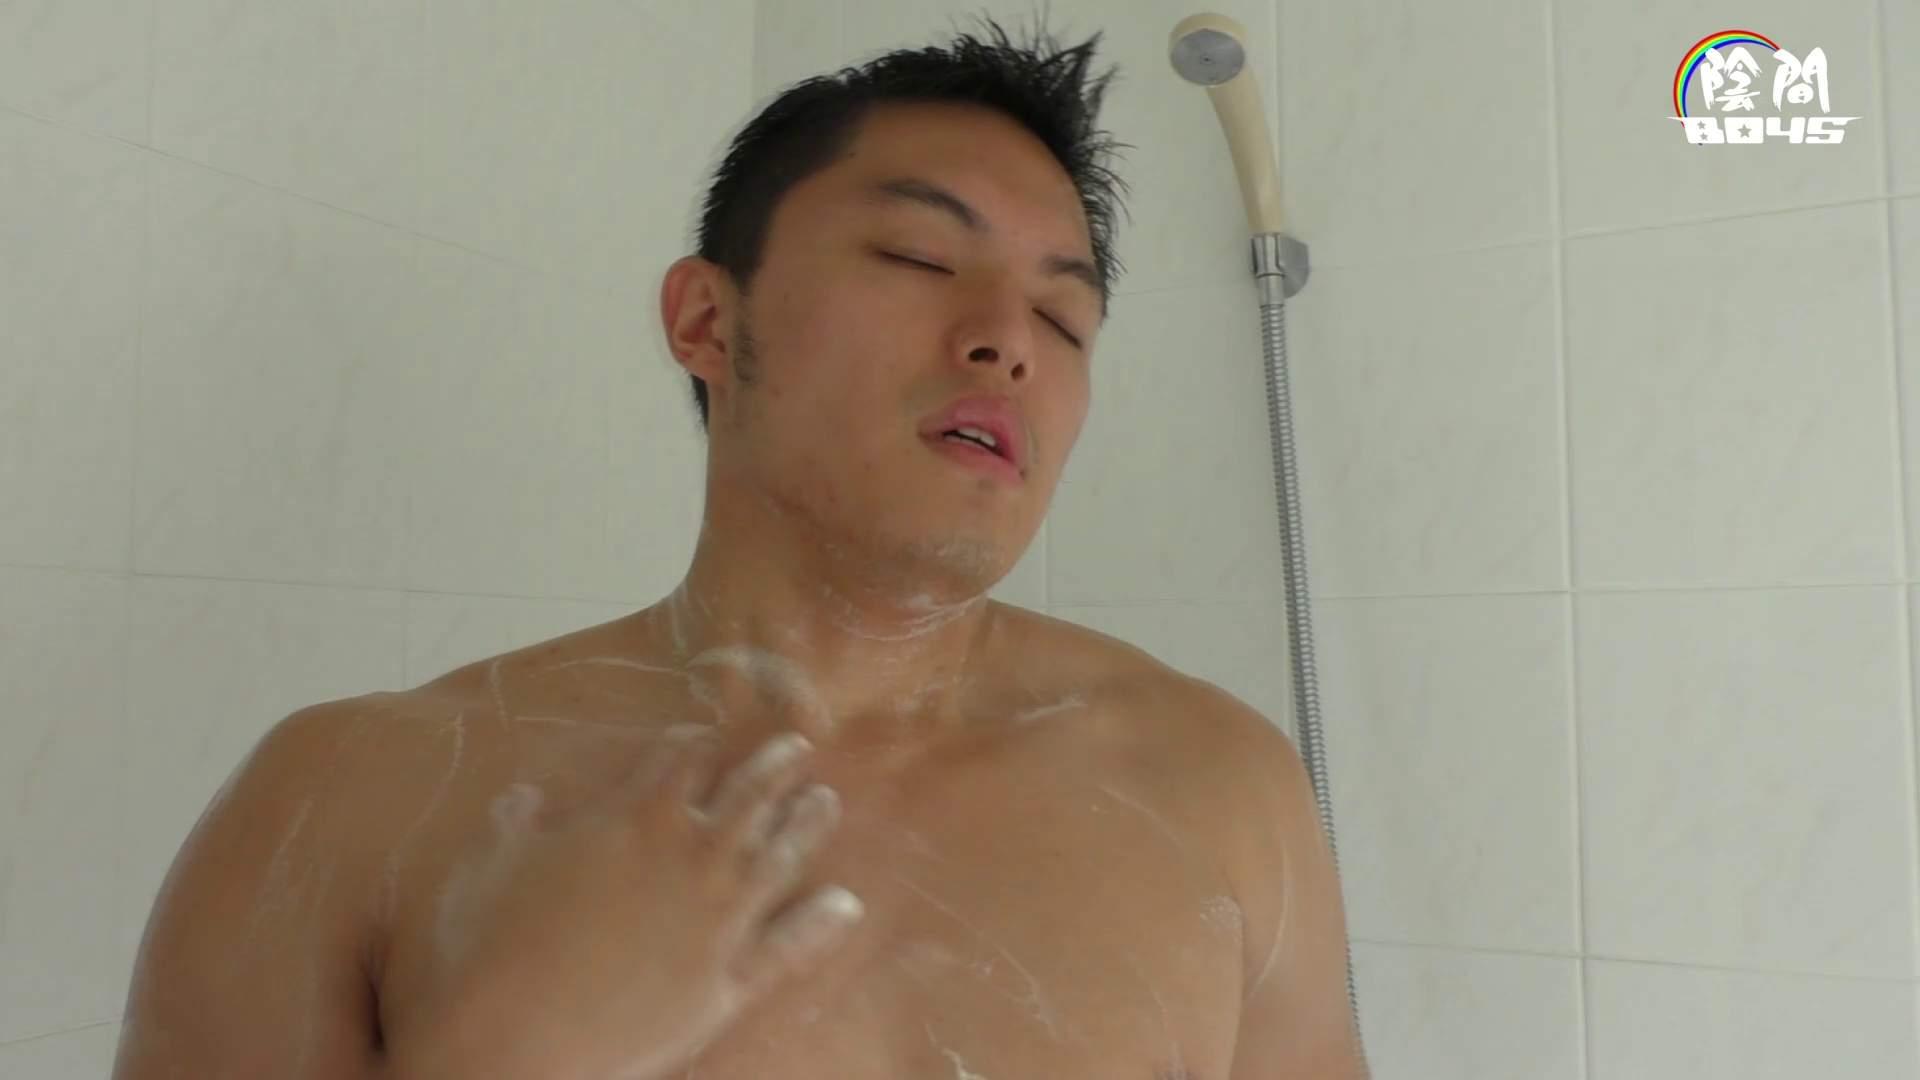 アナルで営業ワン・ツー・ スリーpart2 Vol.10 ハメ撮り ゲイエロビデオ画像 73枚 62